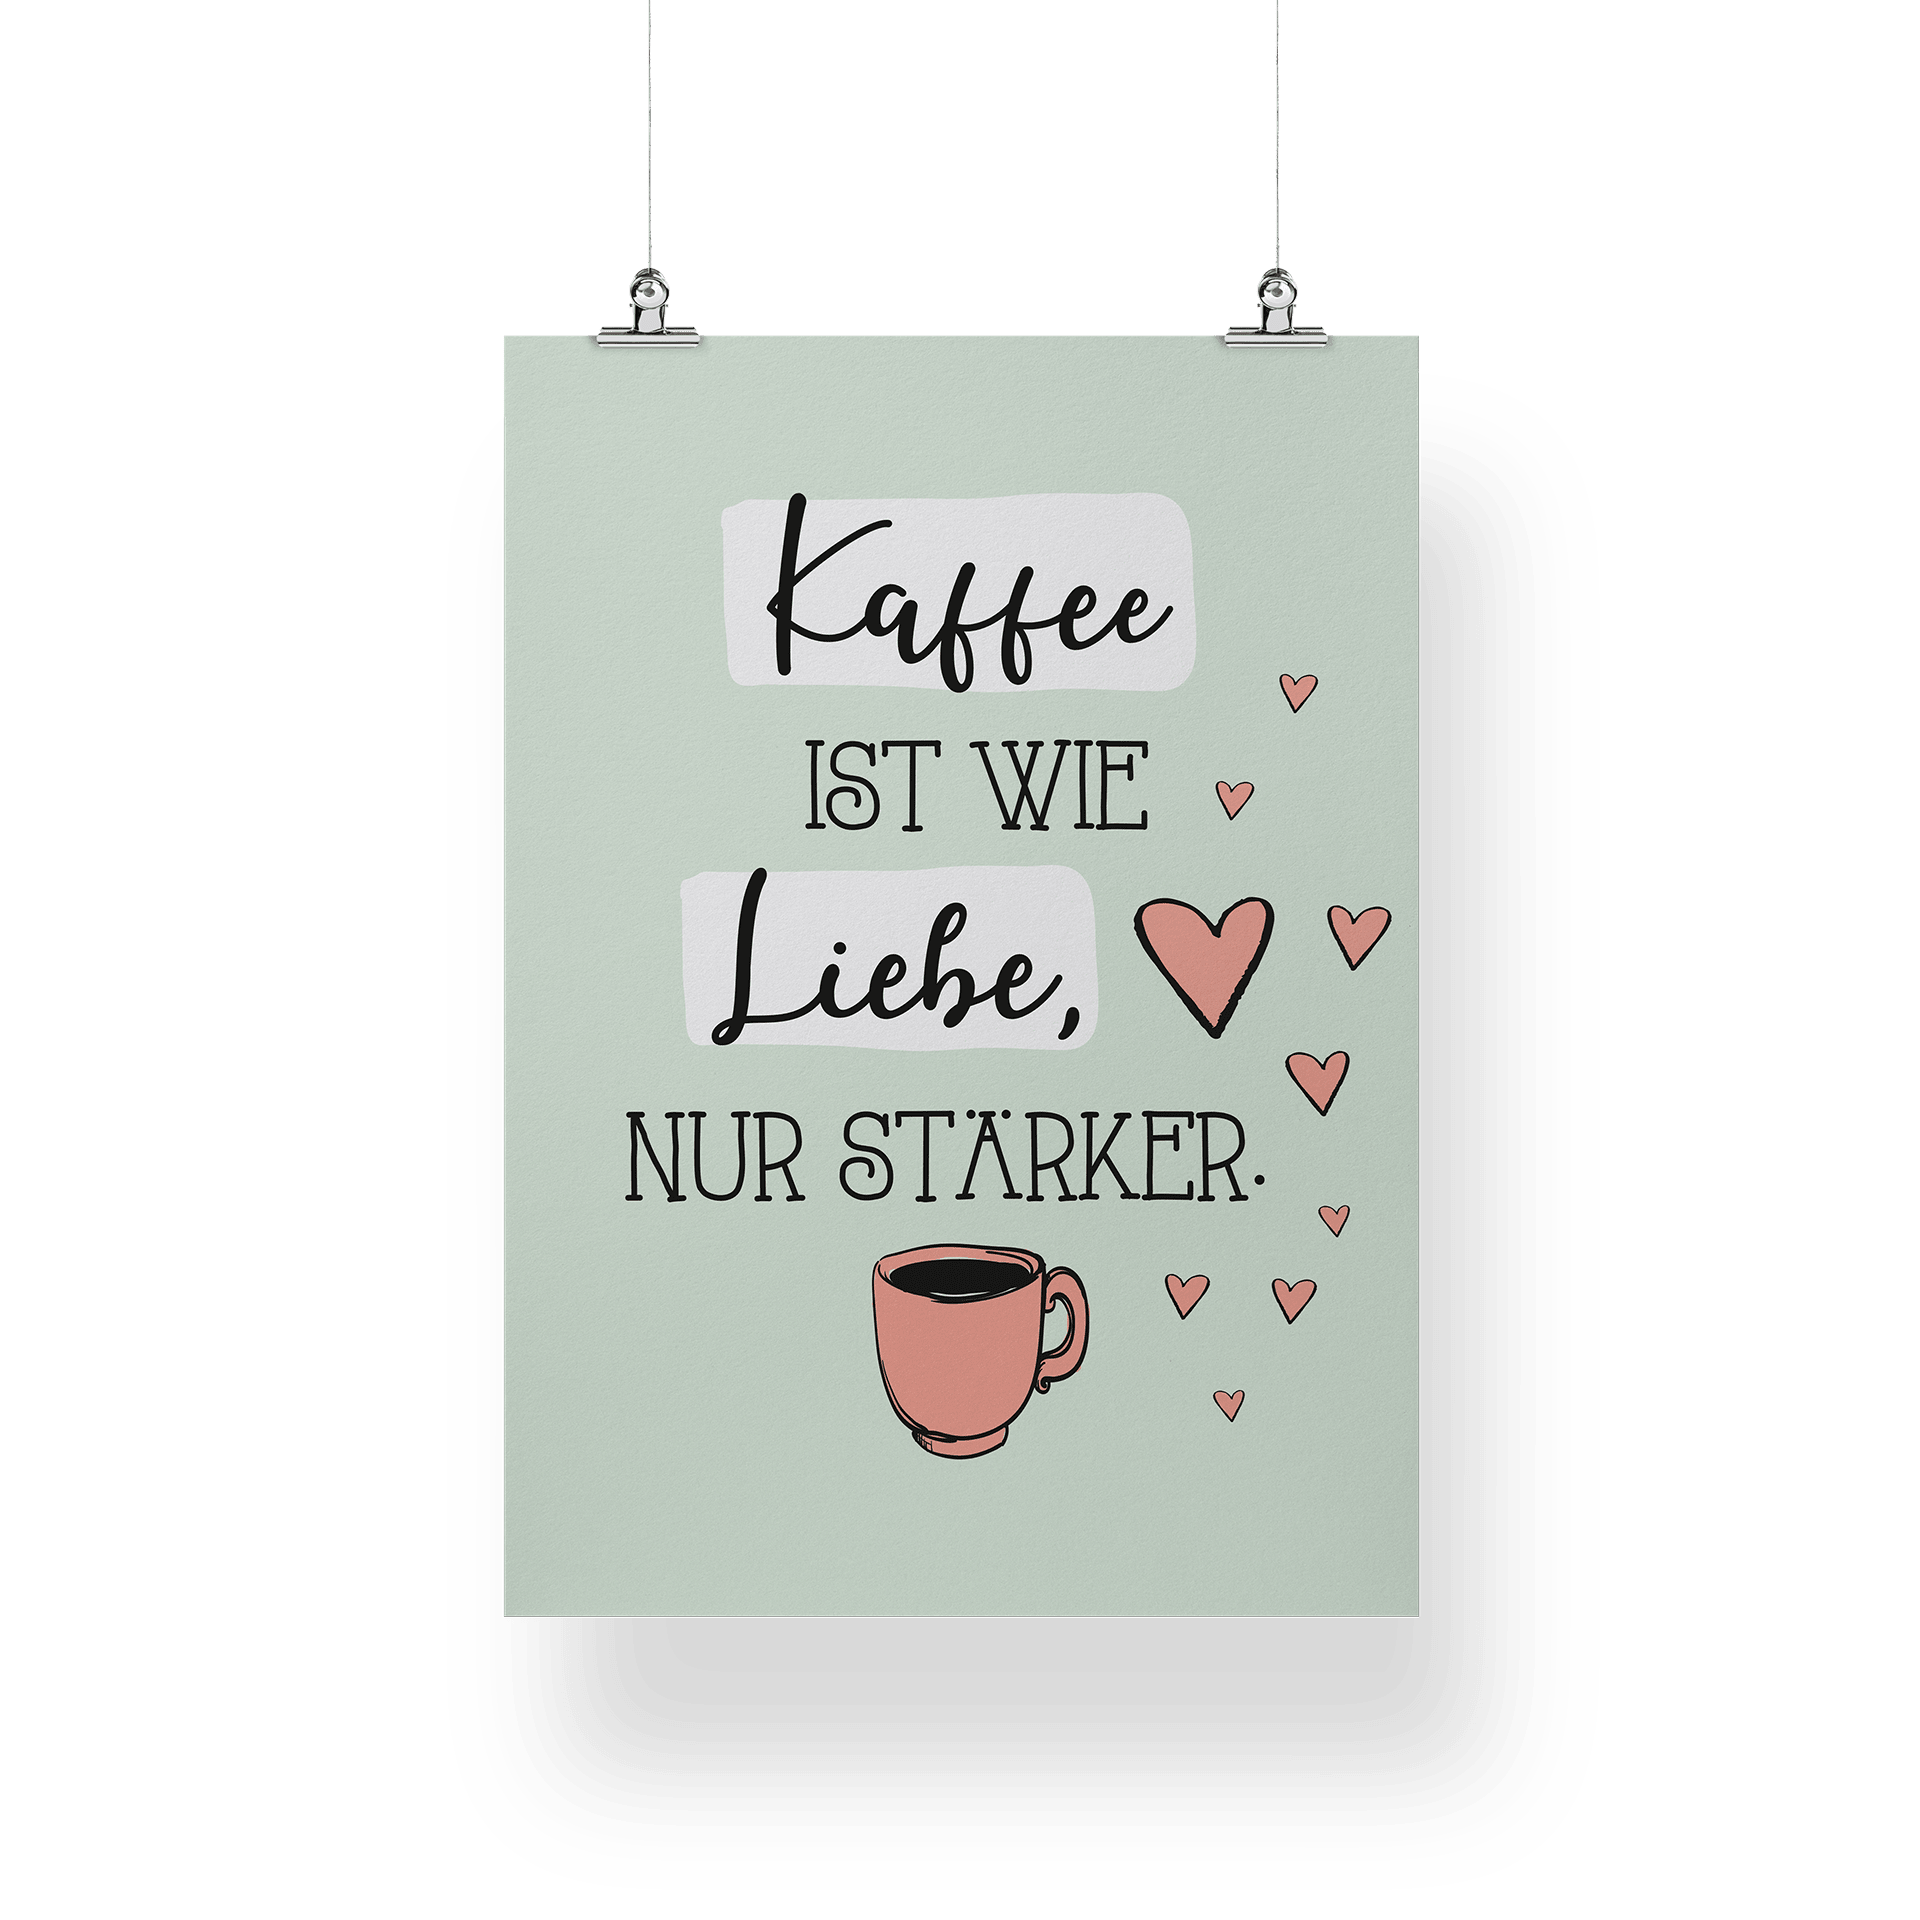 Kaffee ist wie Liebe, nur stärker - Poster